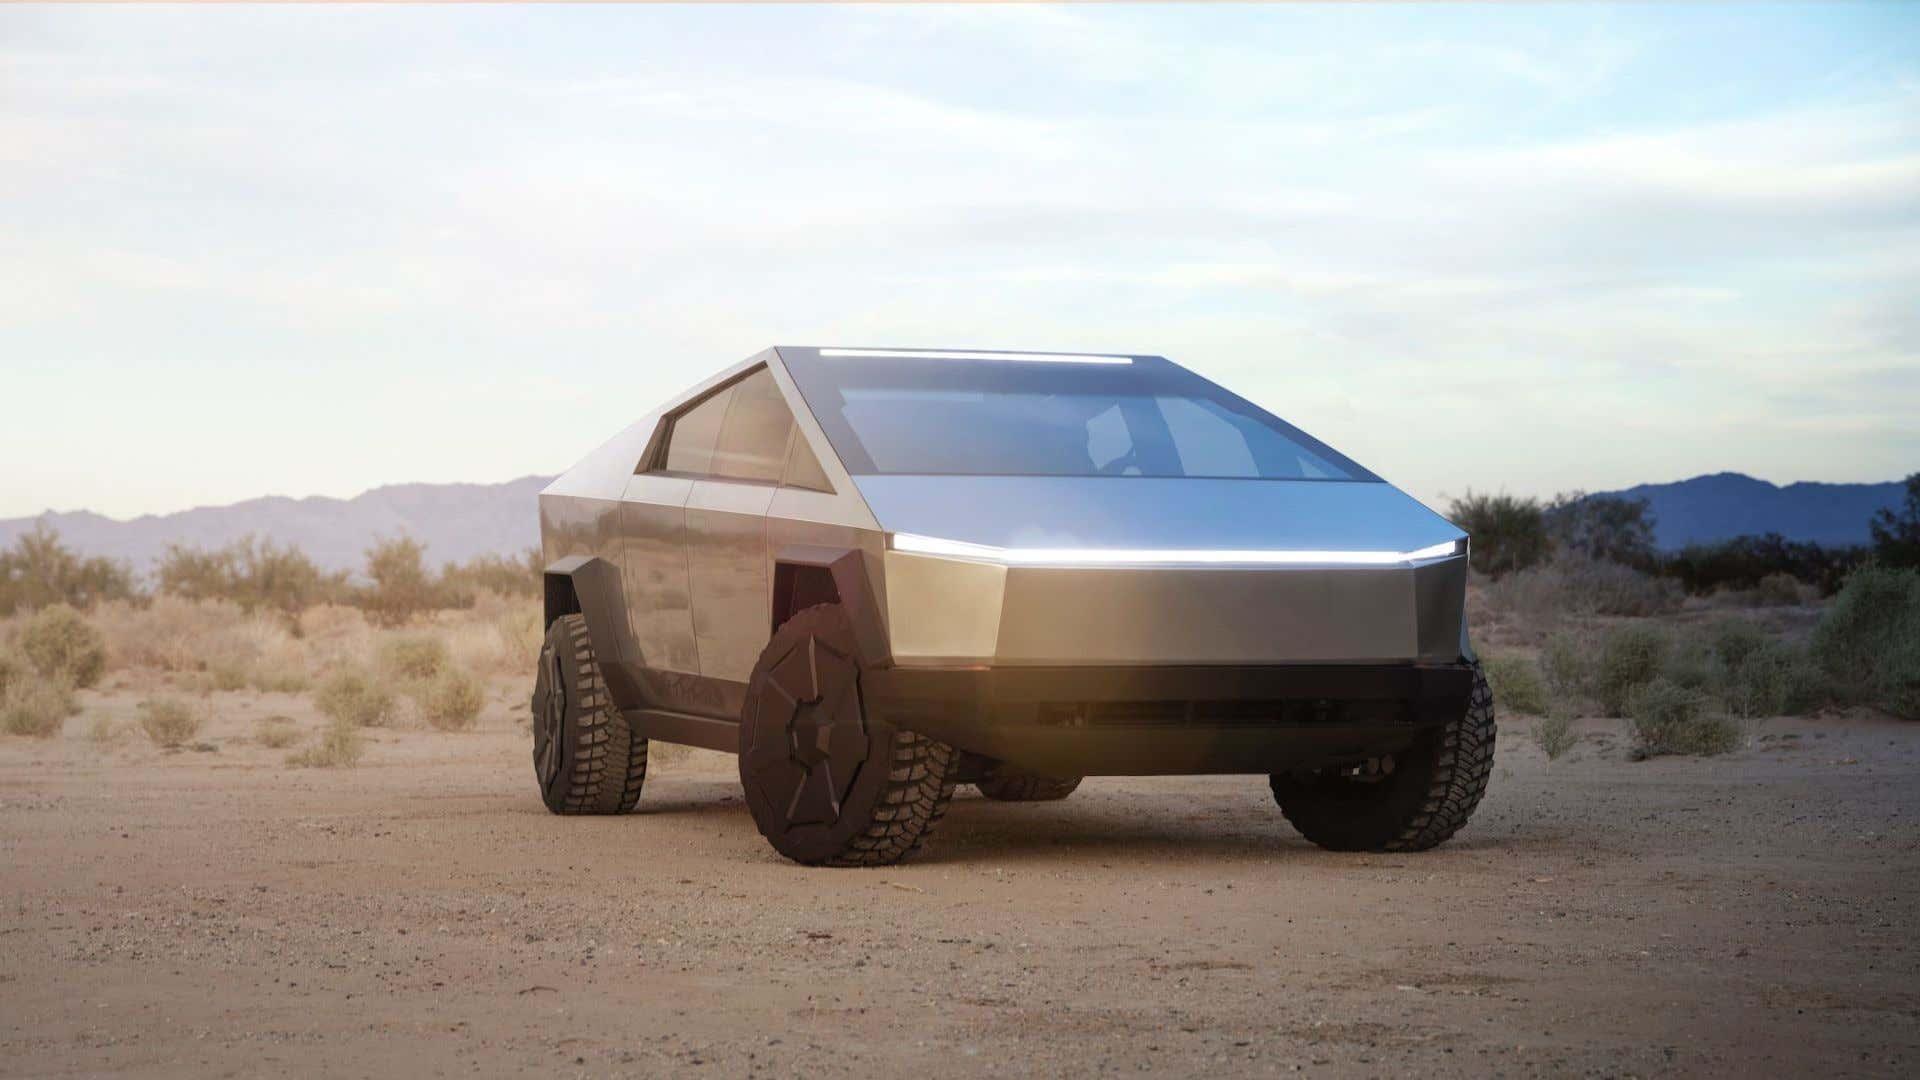 Tesla's controversial Cybertruck